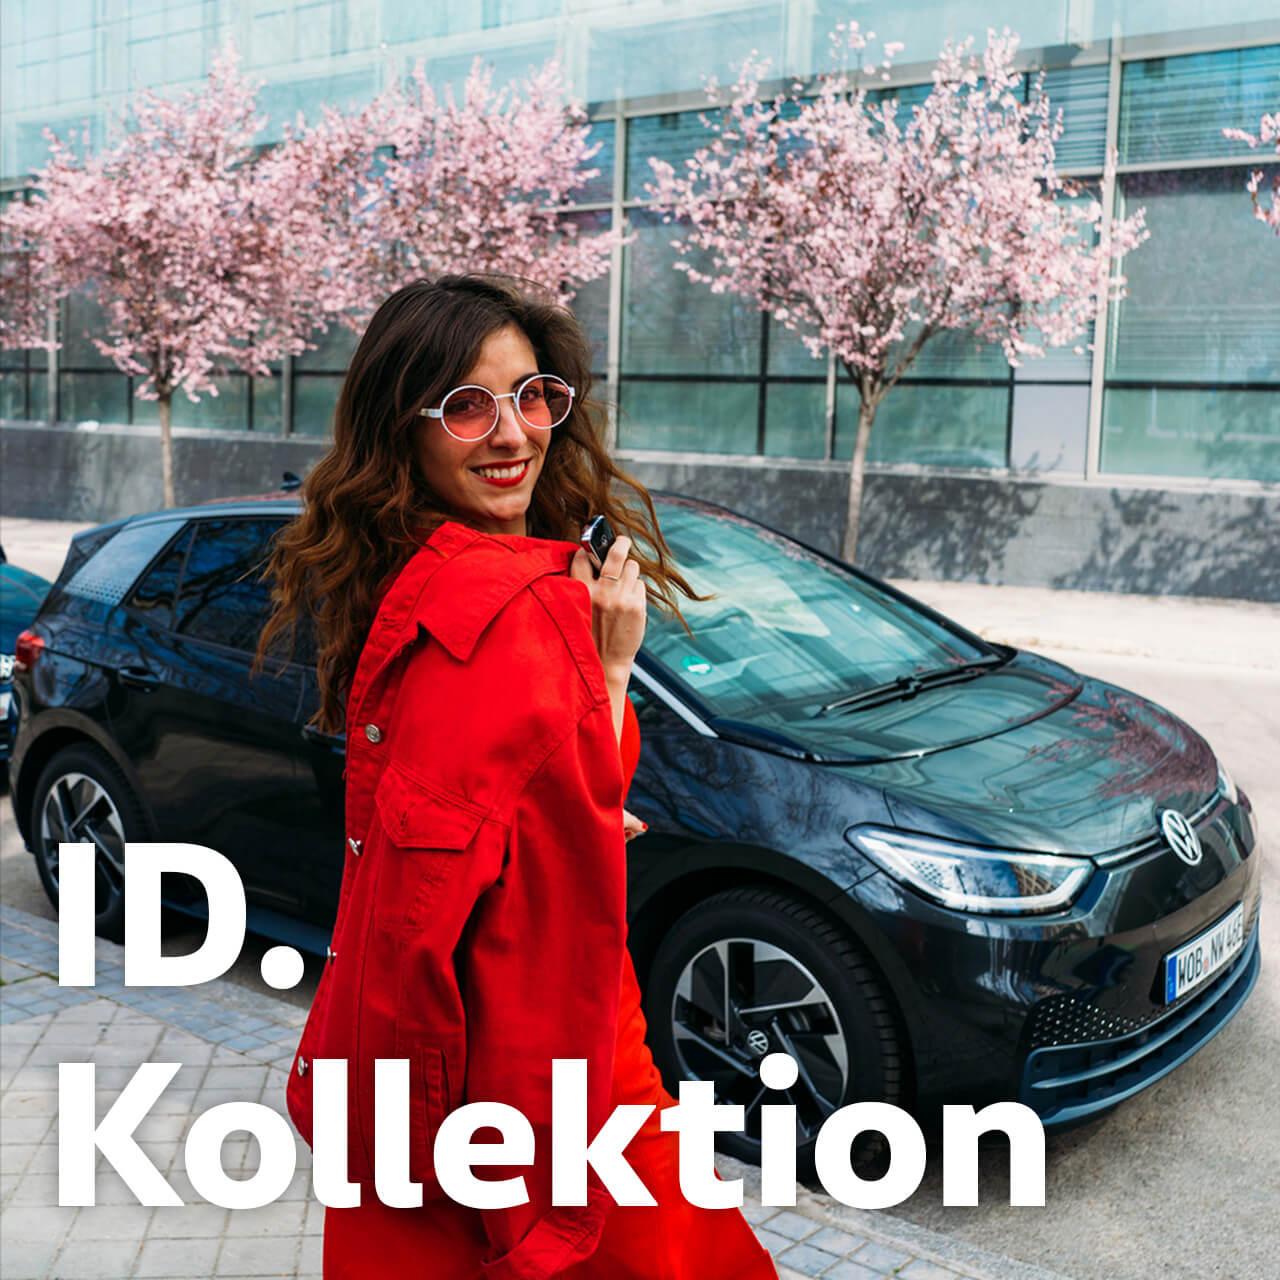 VW ID. Kollektion